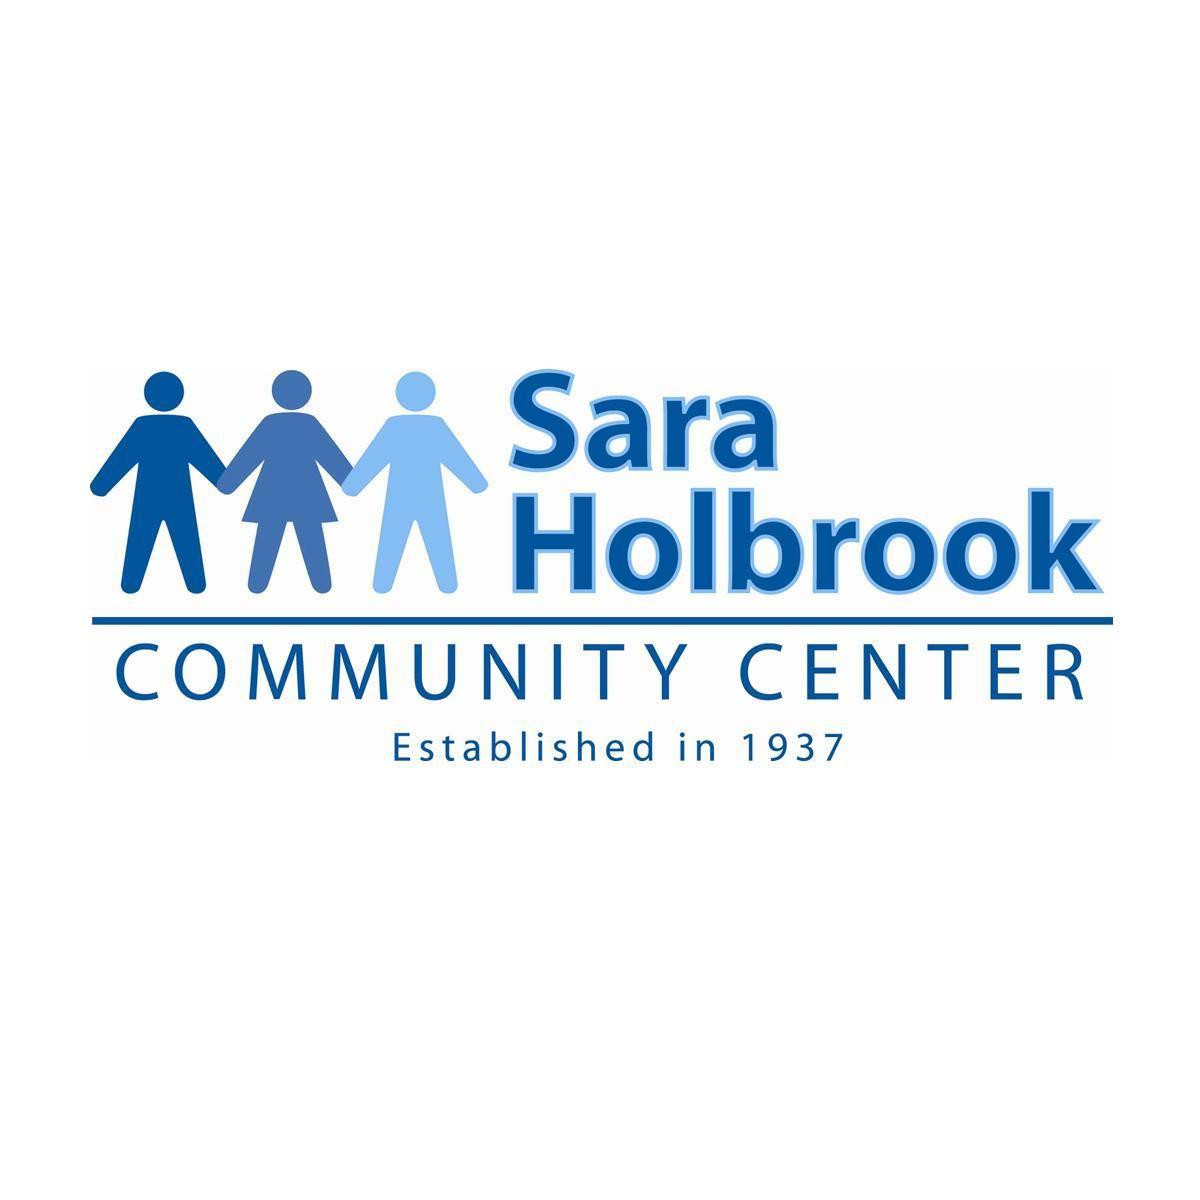 Sara Holbrook Community Center